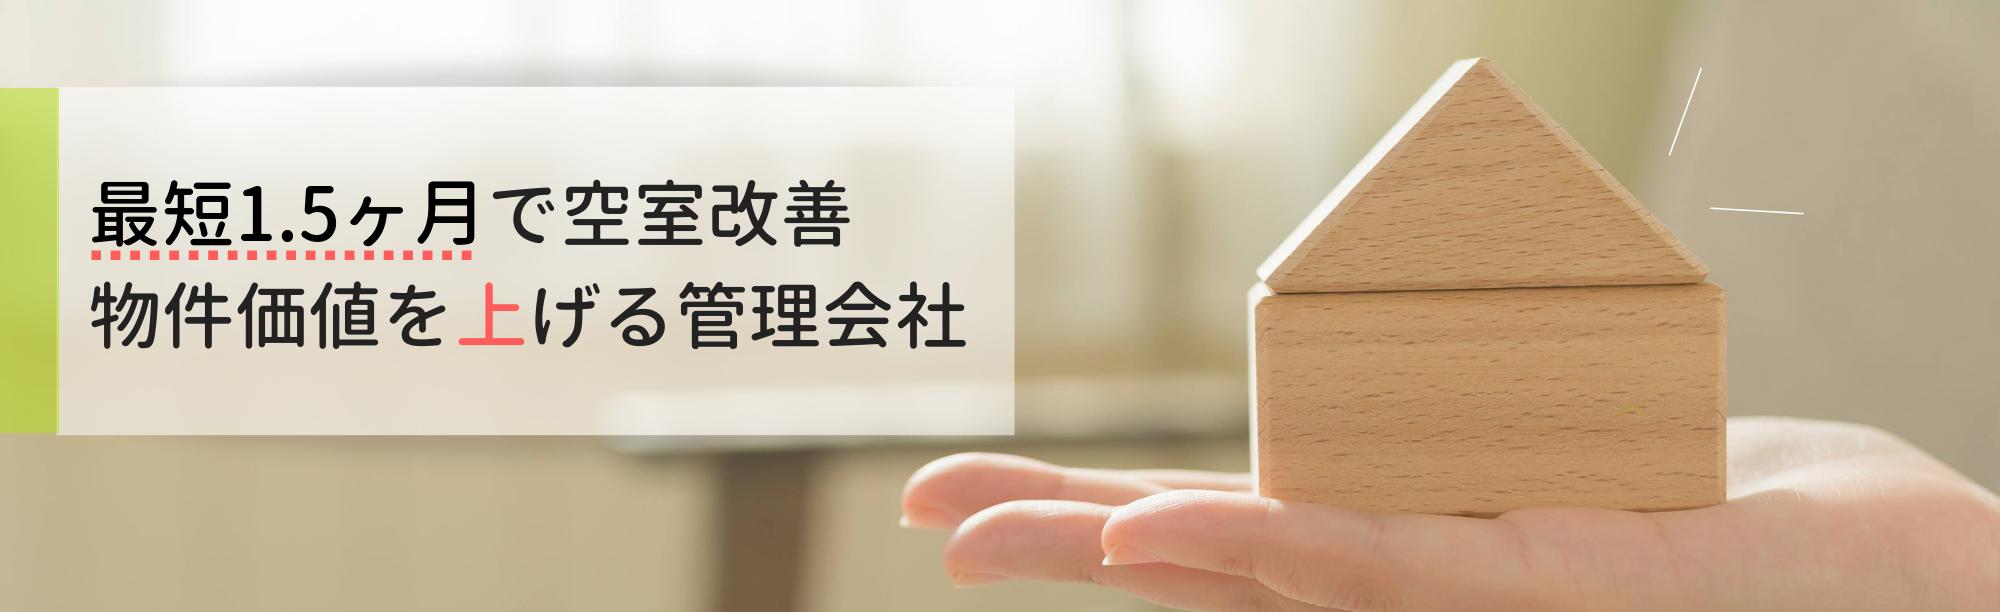 東京の賃貸管理・空室対策のことならLivingTokyo株式会社